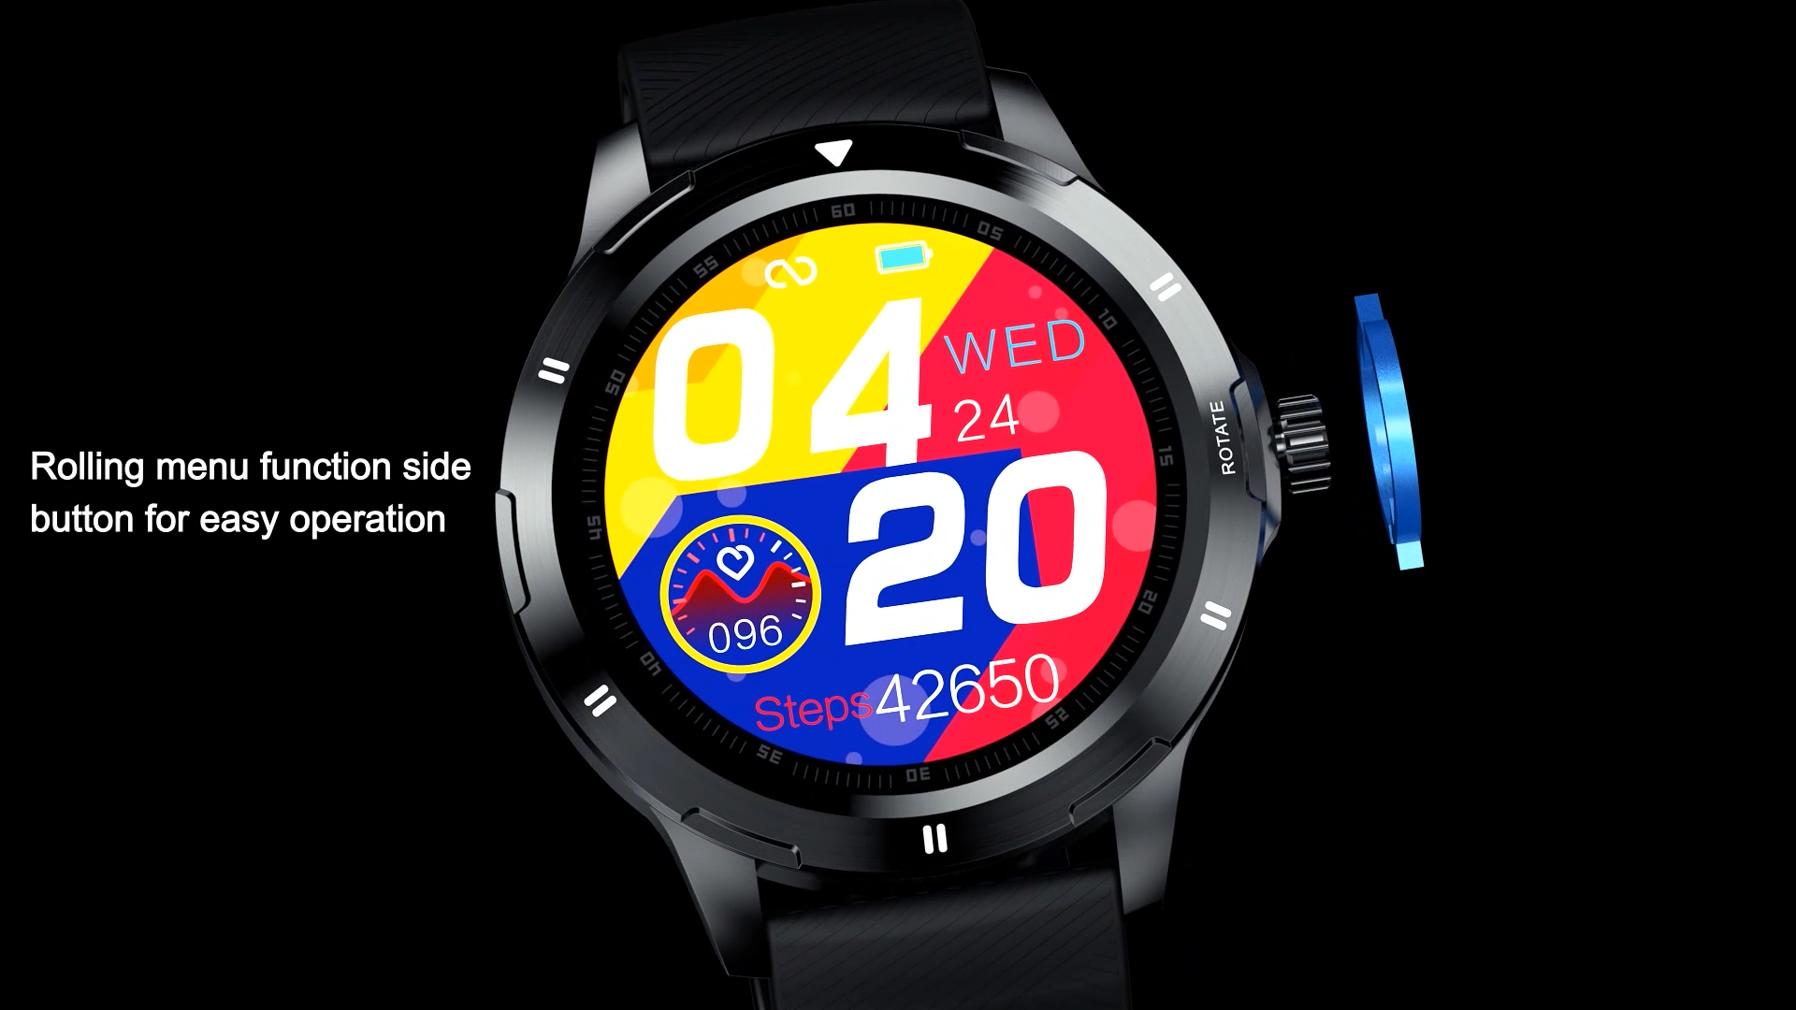 2020 New K15 Thông Minh Đồng Hồ 1.28 Inch IPS Đầy Đủ Màn Hình Tròn FitCloudPro Nhiệt Độ Trái Tim Tỷ Lệ Tracker SmartWatch